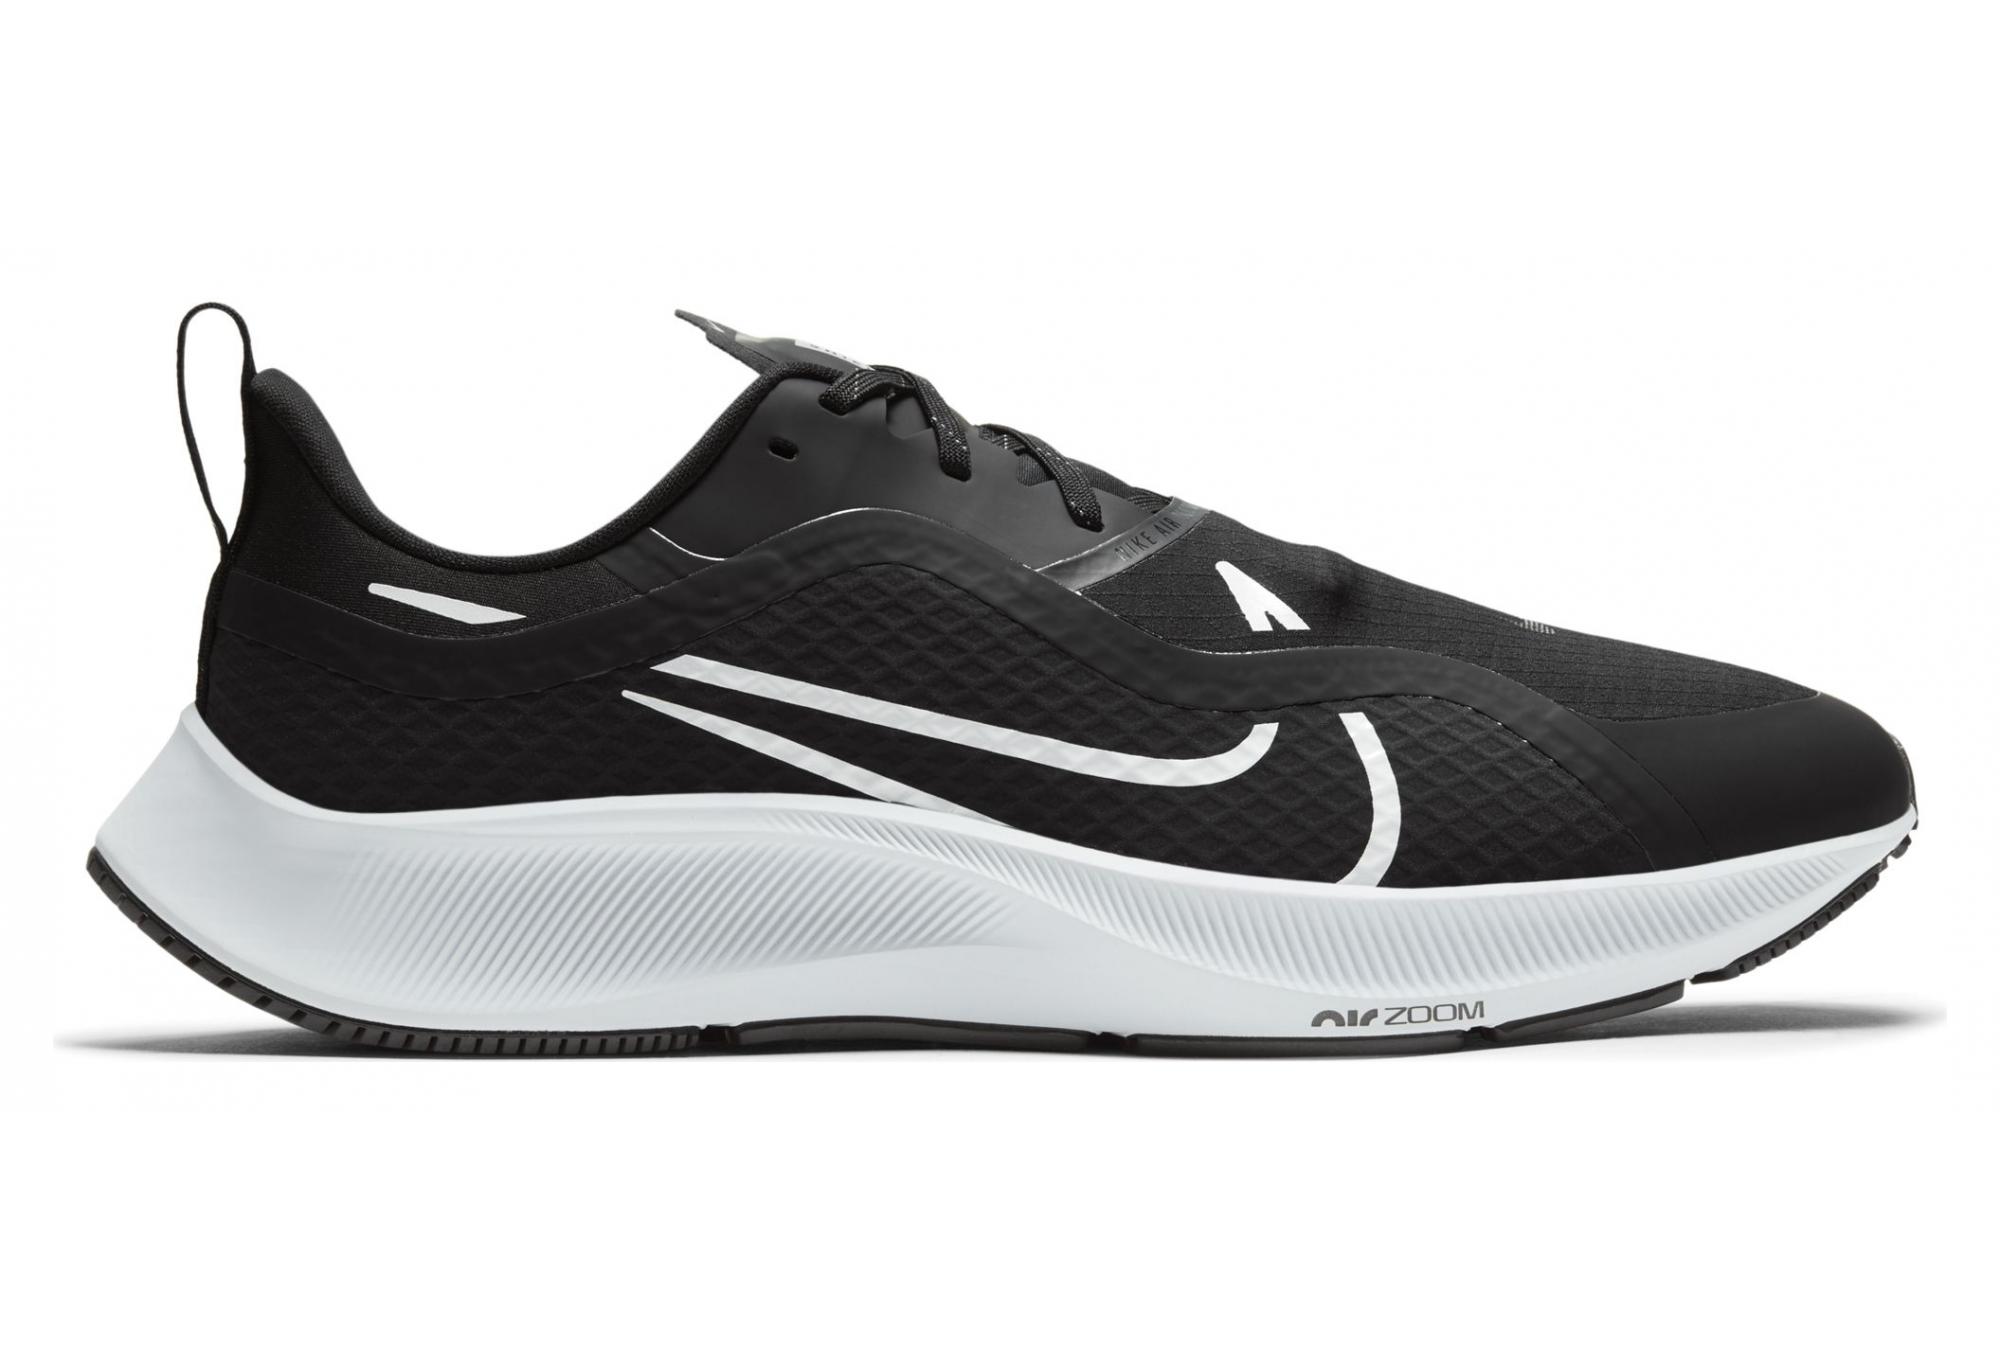 Scarpe da corsa Nike Air Zoom Pegasus 37 Shield Nero Bianco Uomo